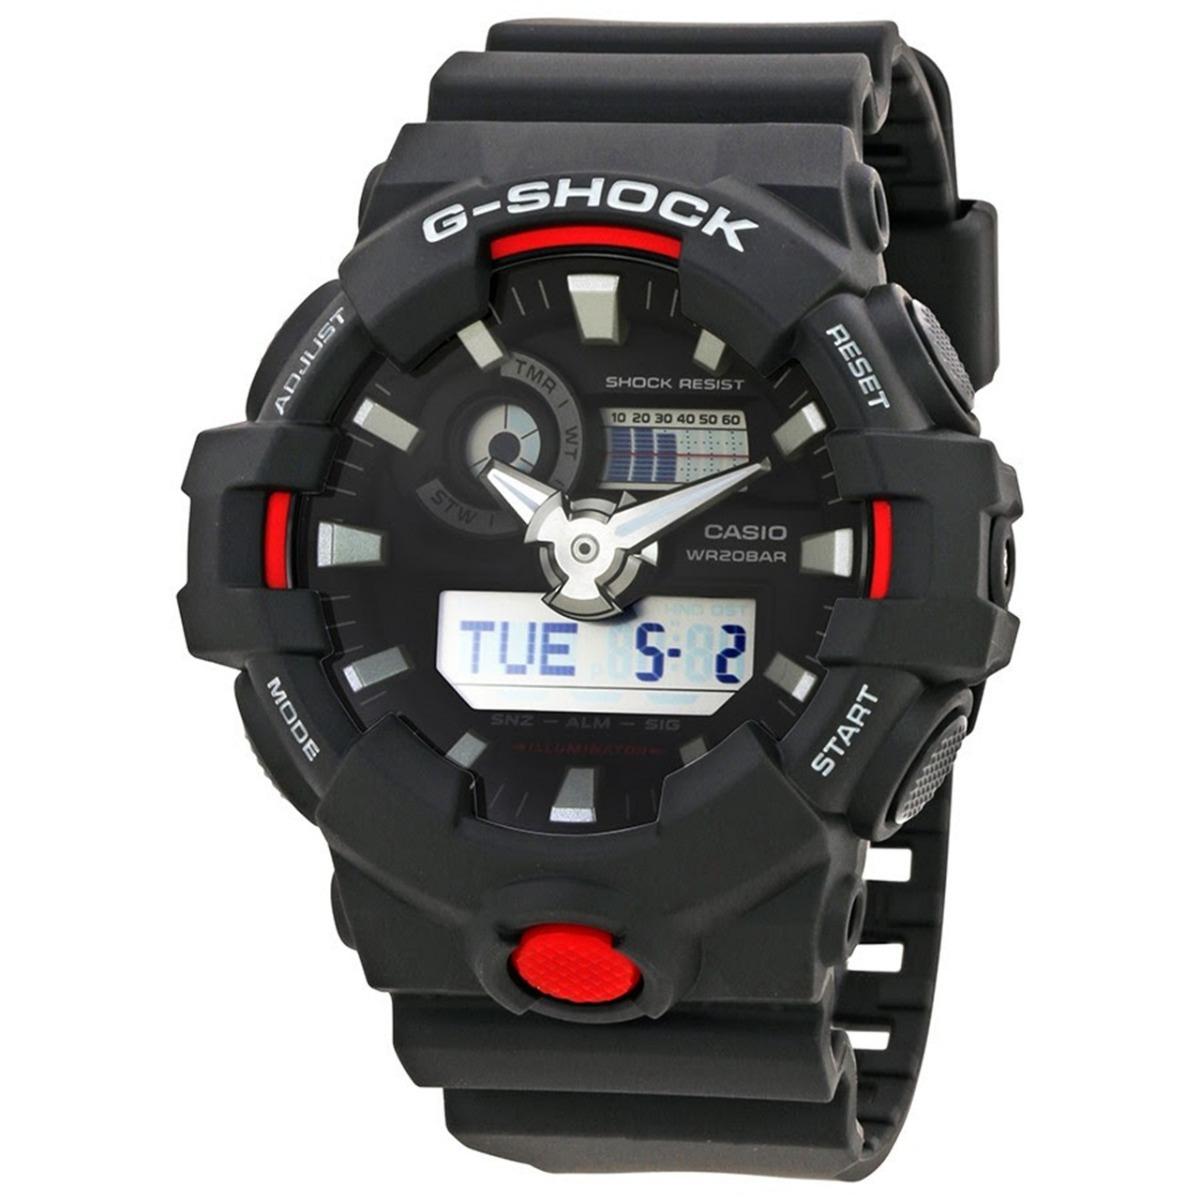 3f66706b8 relógio casio g-shock ga700 1a novo original oferta. Carregando zoom.